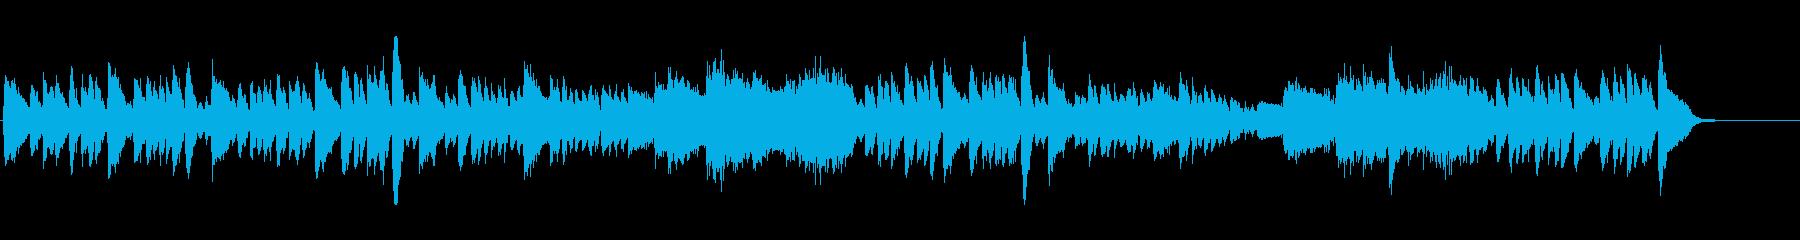 シューマン 快活で悪戯なピアノ曲 高音質の再生済みの波形